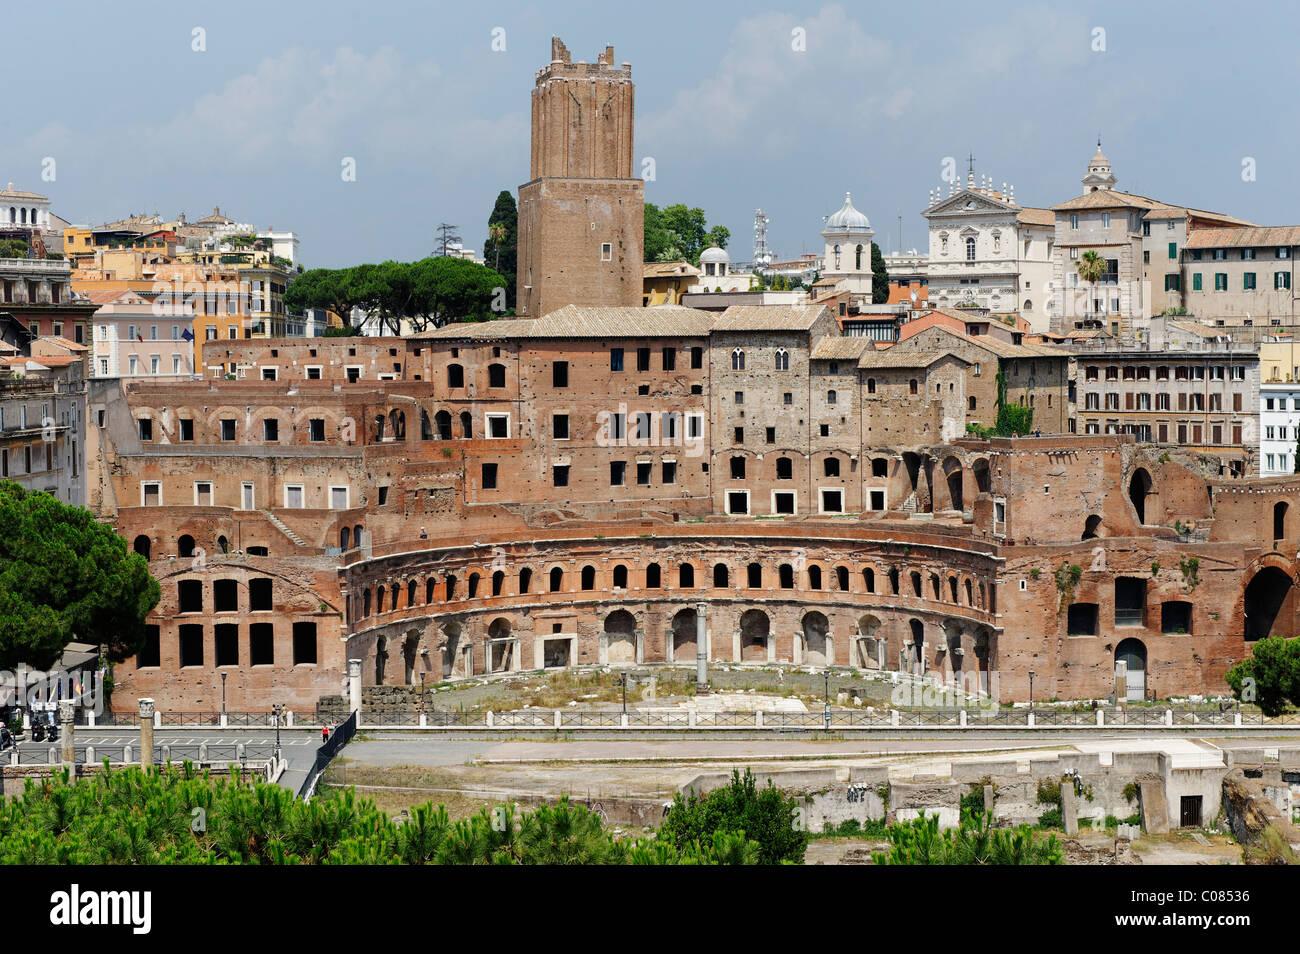 Trajan's markets, Forum di Traia, Mercati di Traiano, with the Torre Milizie, Rome, Italy, Europe - Stock Image